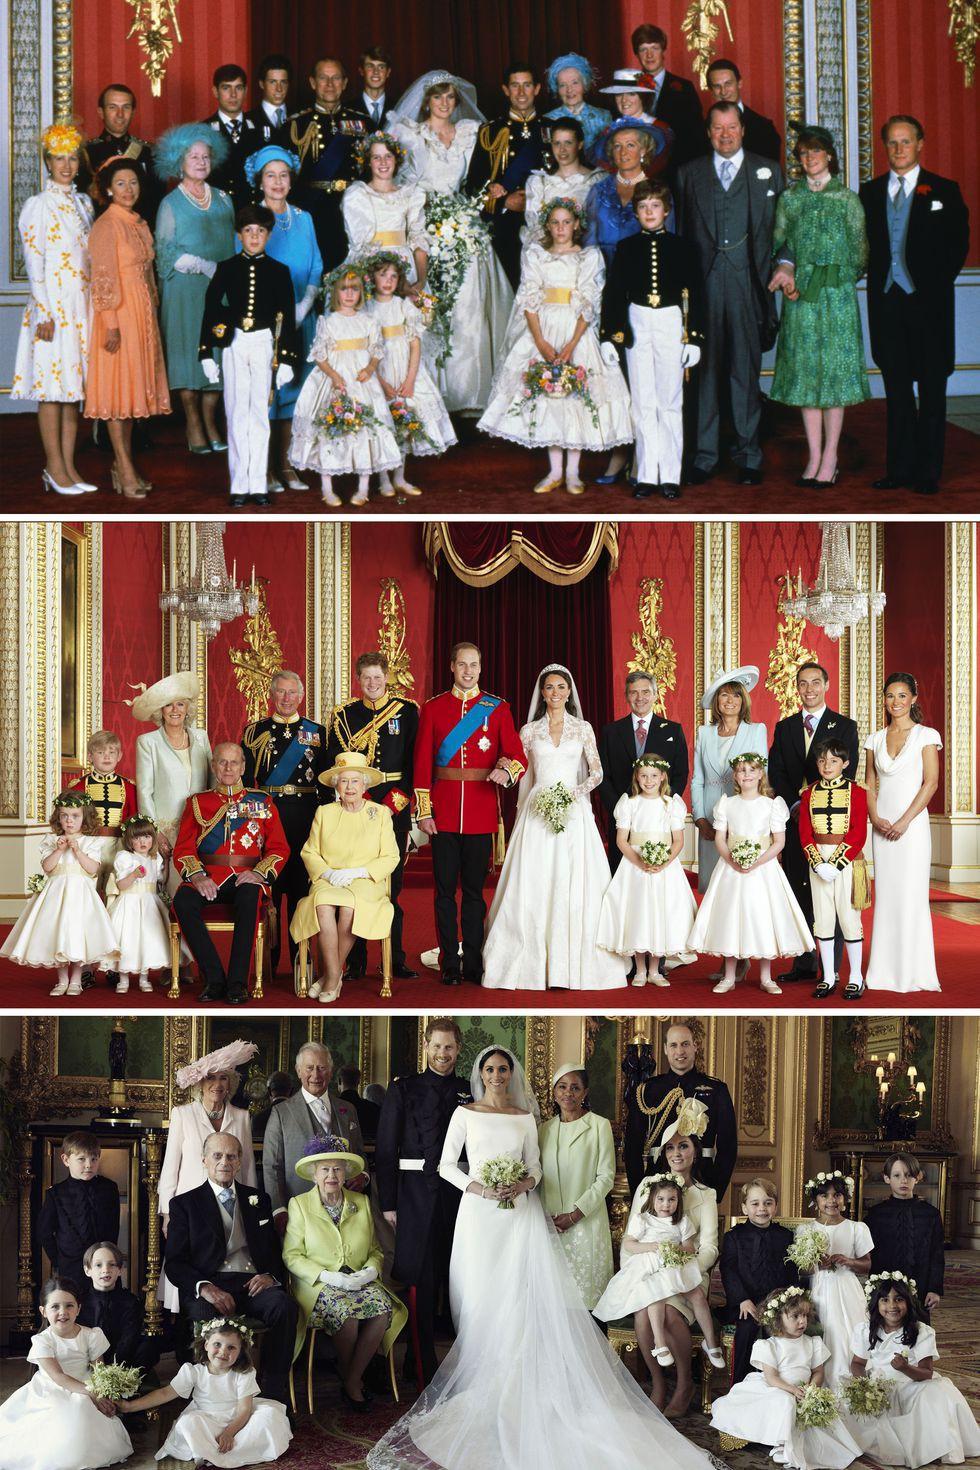 Đặt lên bàn cân 10 khoảnh khắc giữa ba đám cưới Hoàng gia: Công nương Diana vẫn được đánh giá là xinh đẹp nhất 11